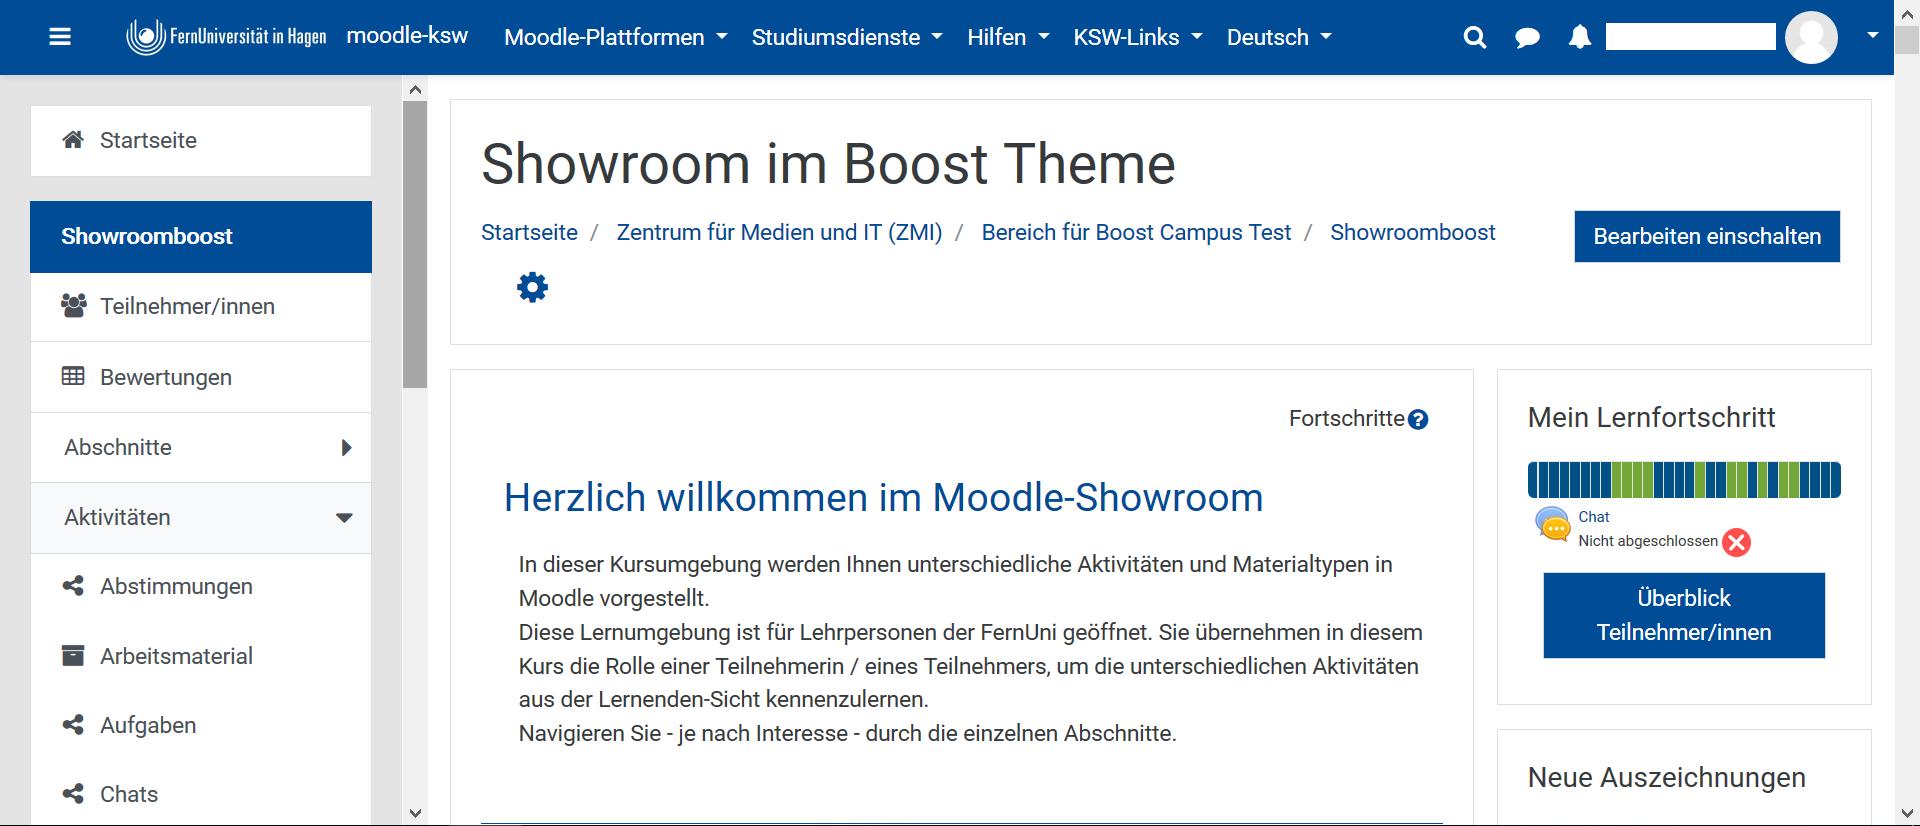 Ein Screenshot von dem Showroom im Boost Theme